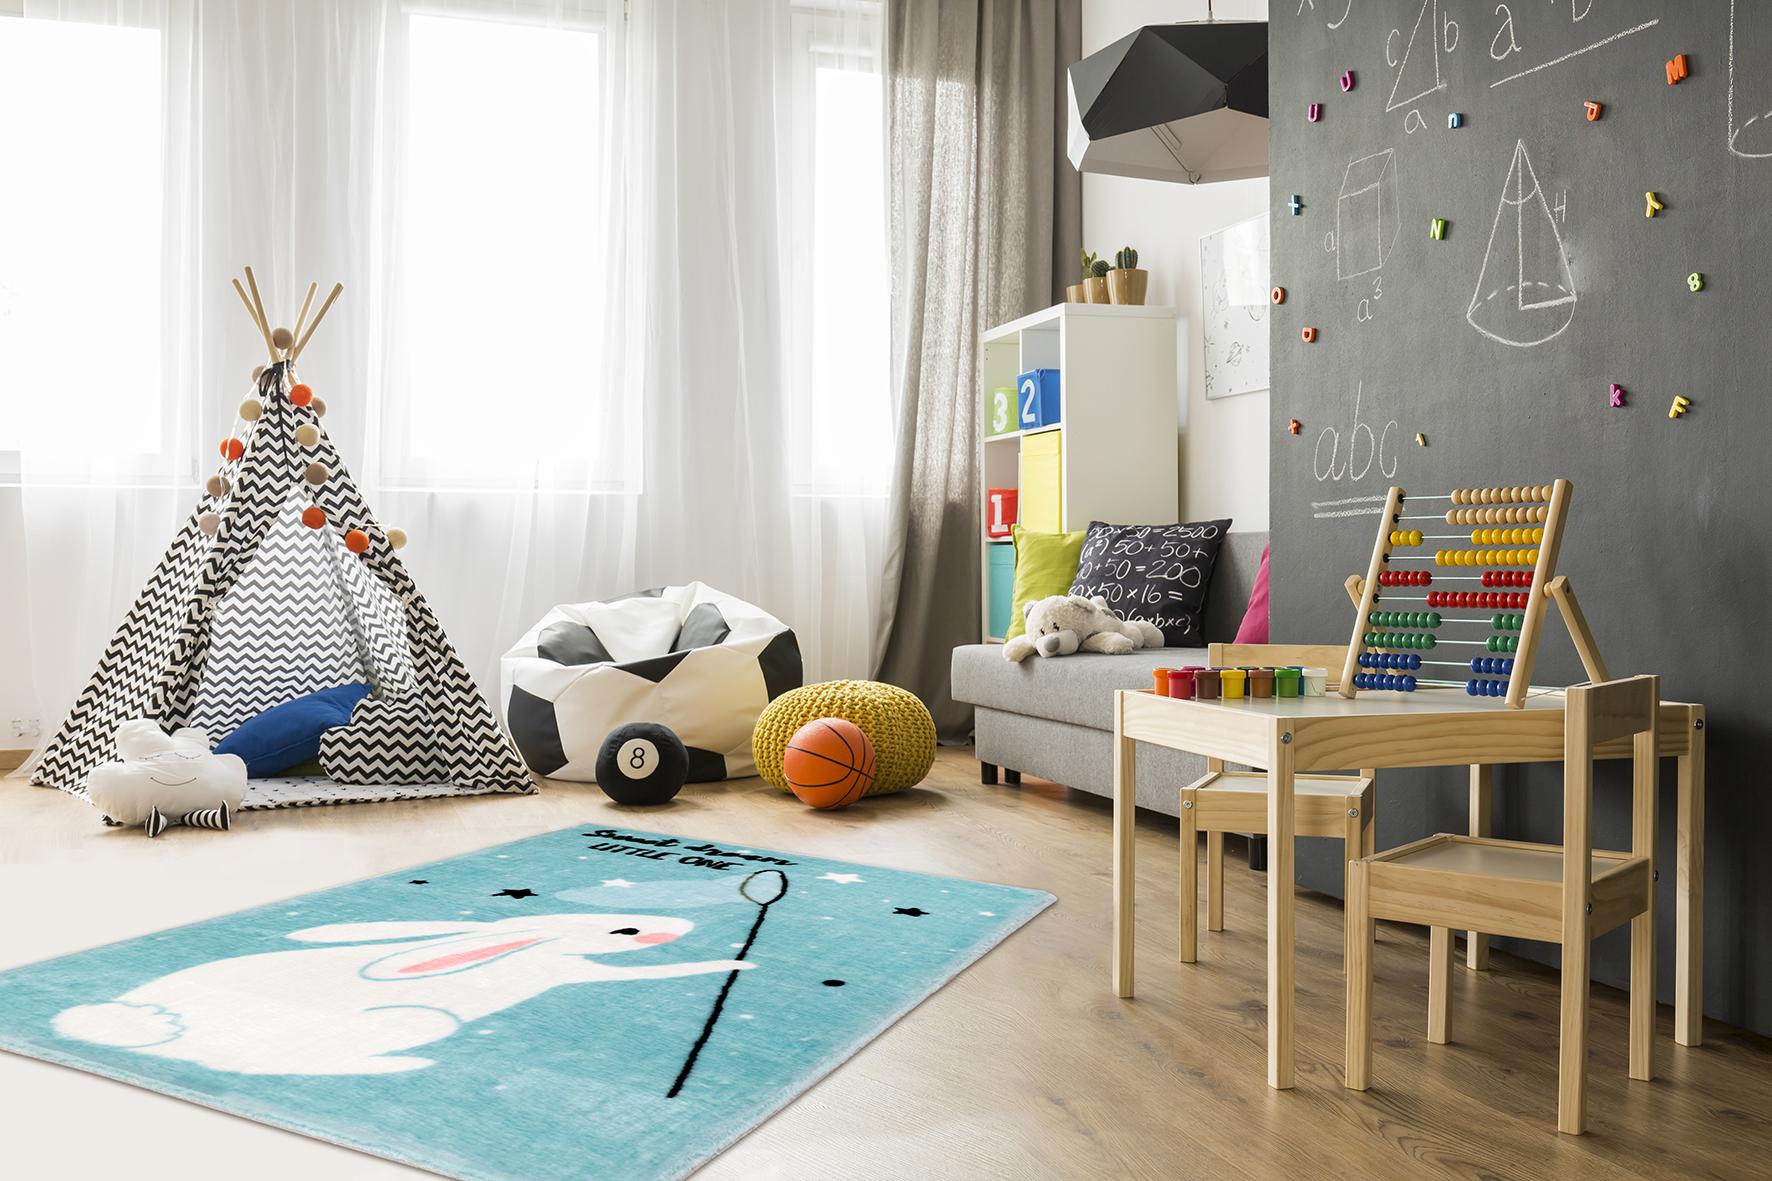 Dywany jako idealne uzupełnienie wnętrza mieszkania